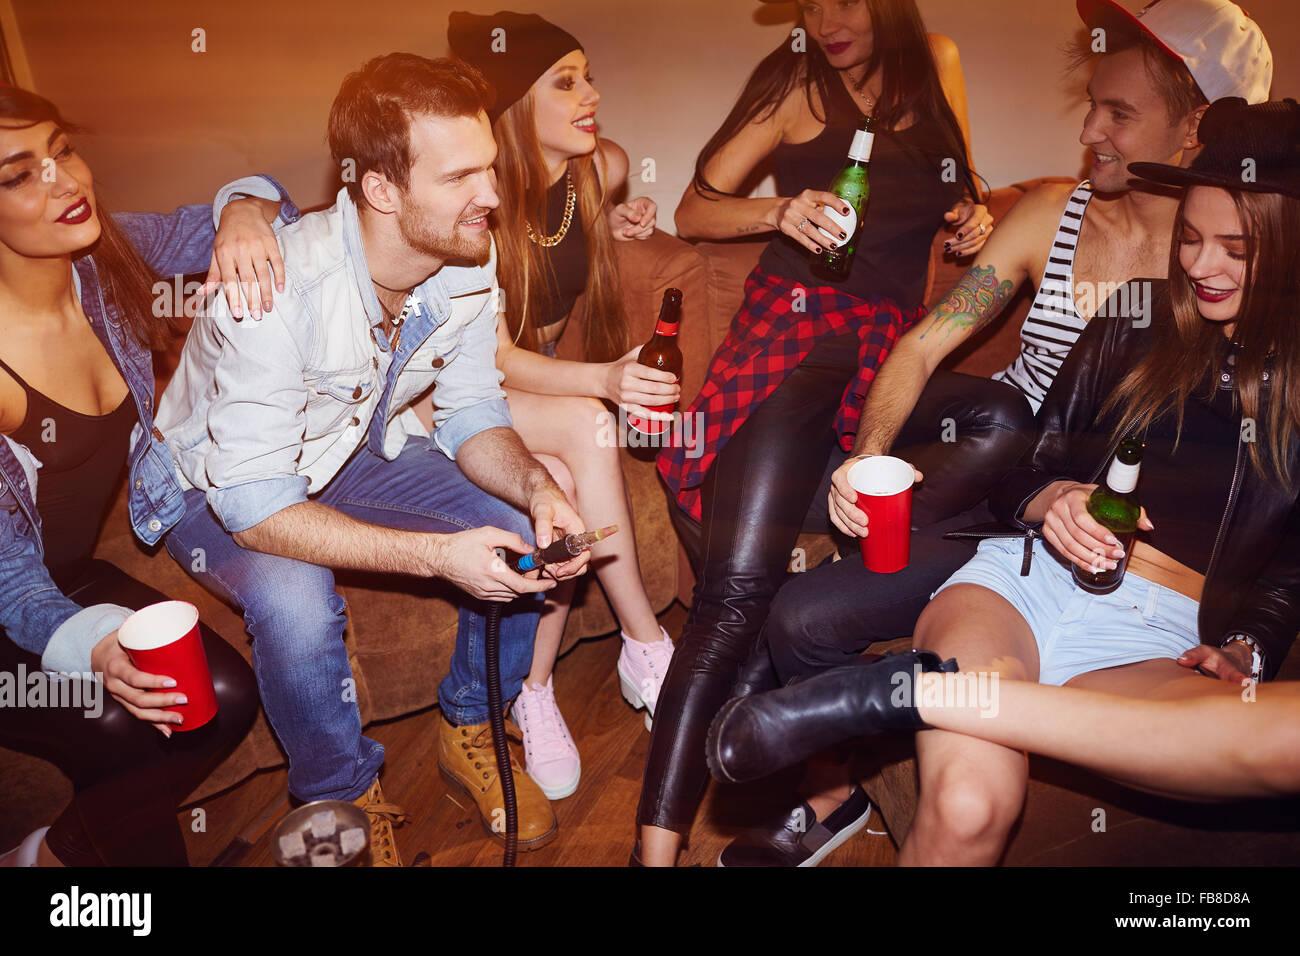 Секс вечеринках фото, Порно вечеринки, фото секс пати, порно клуб 13 фотография